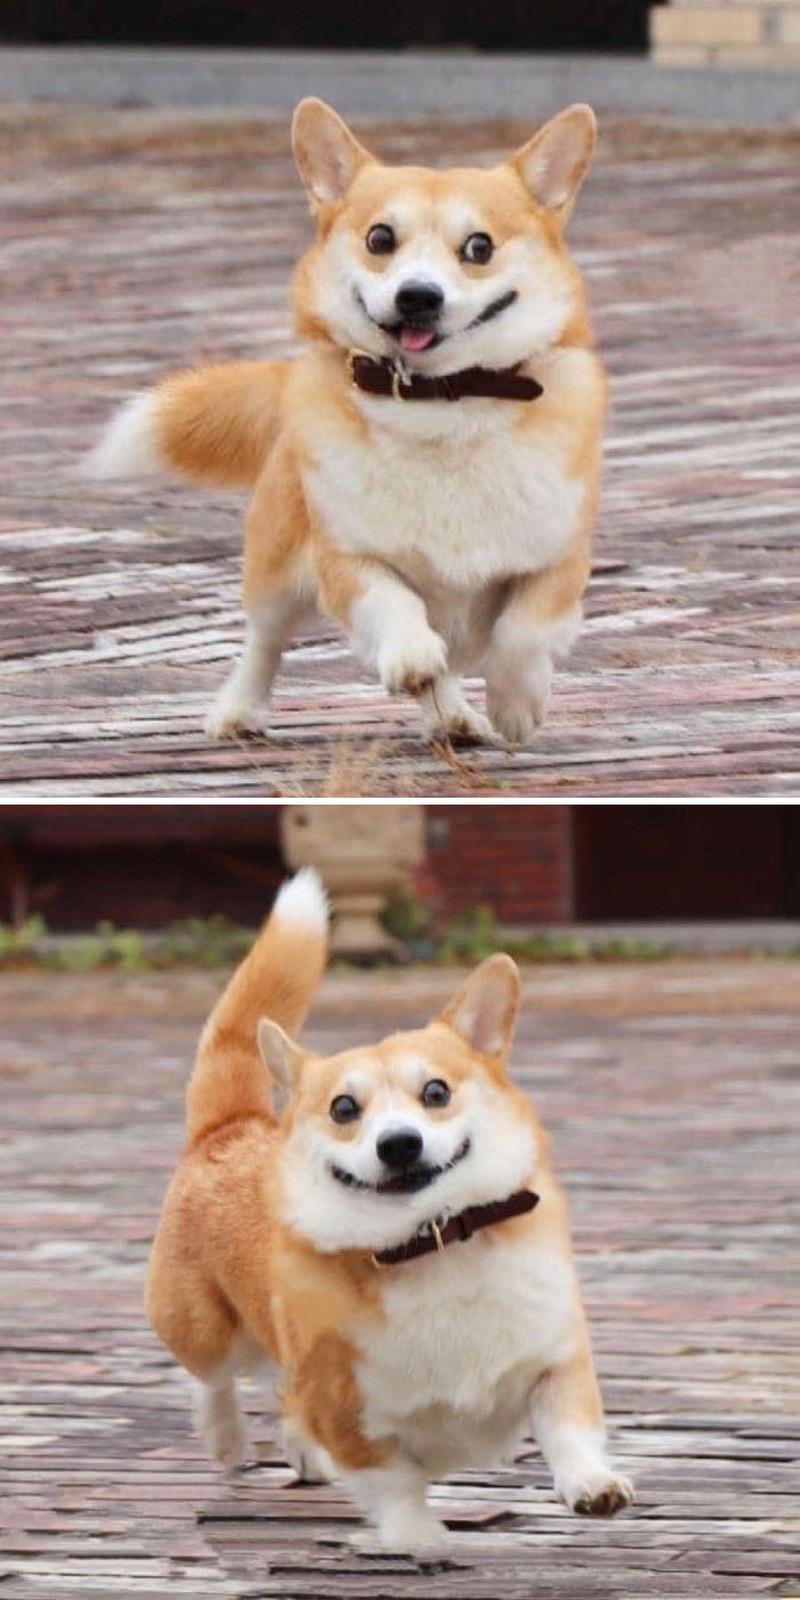 Idol chó mang biểu cảm y hệt Nguyễn Văn Dúi Ảnh 4